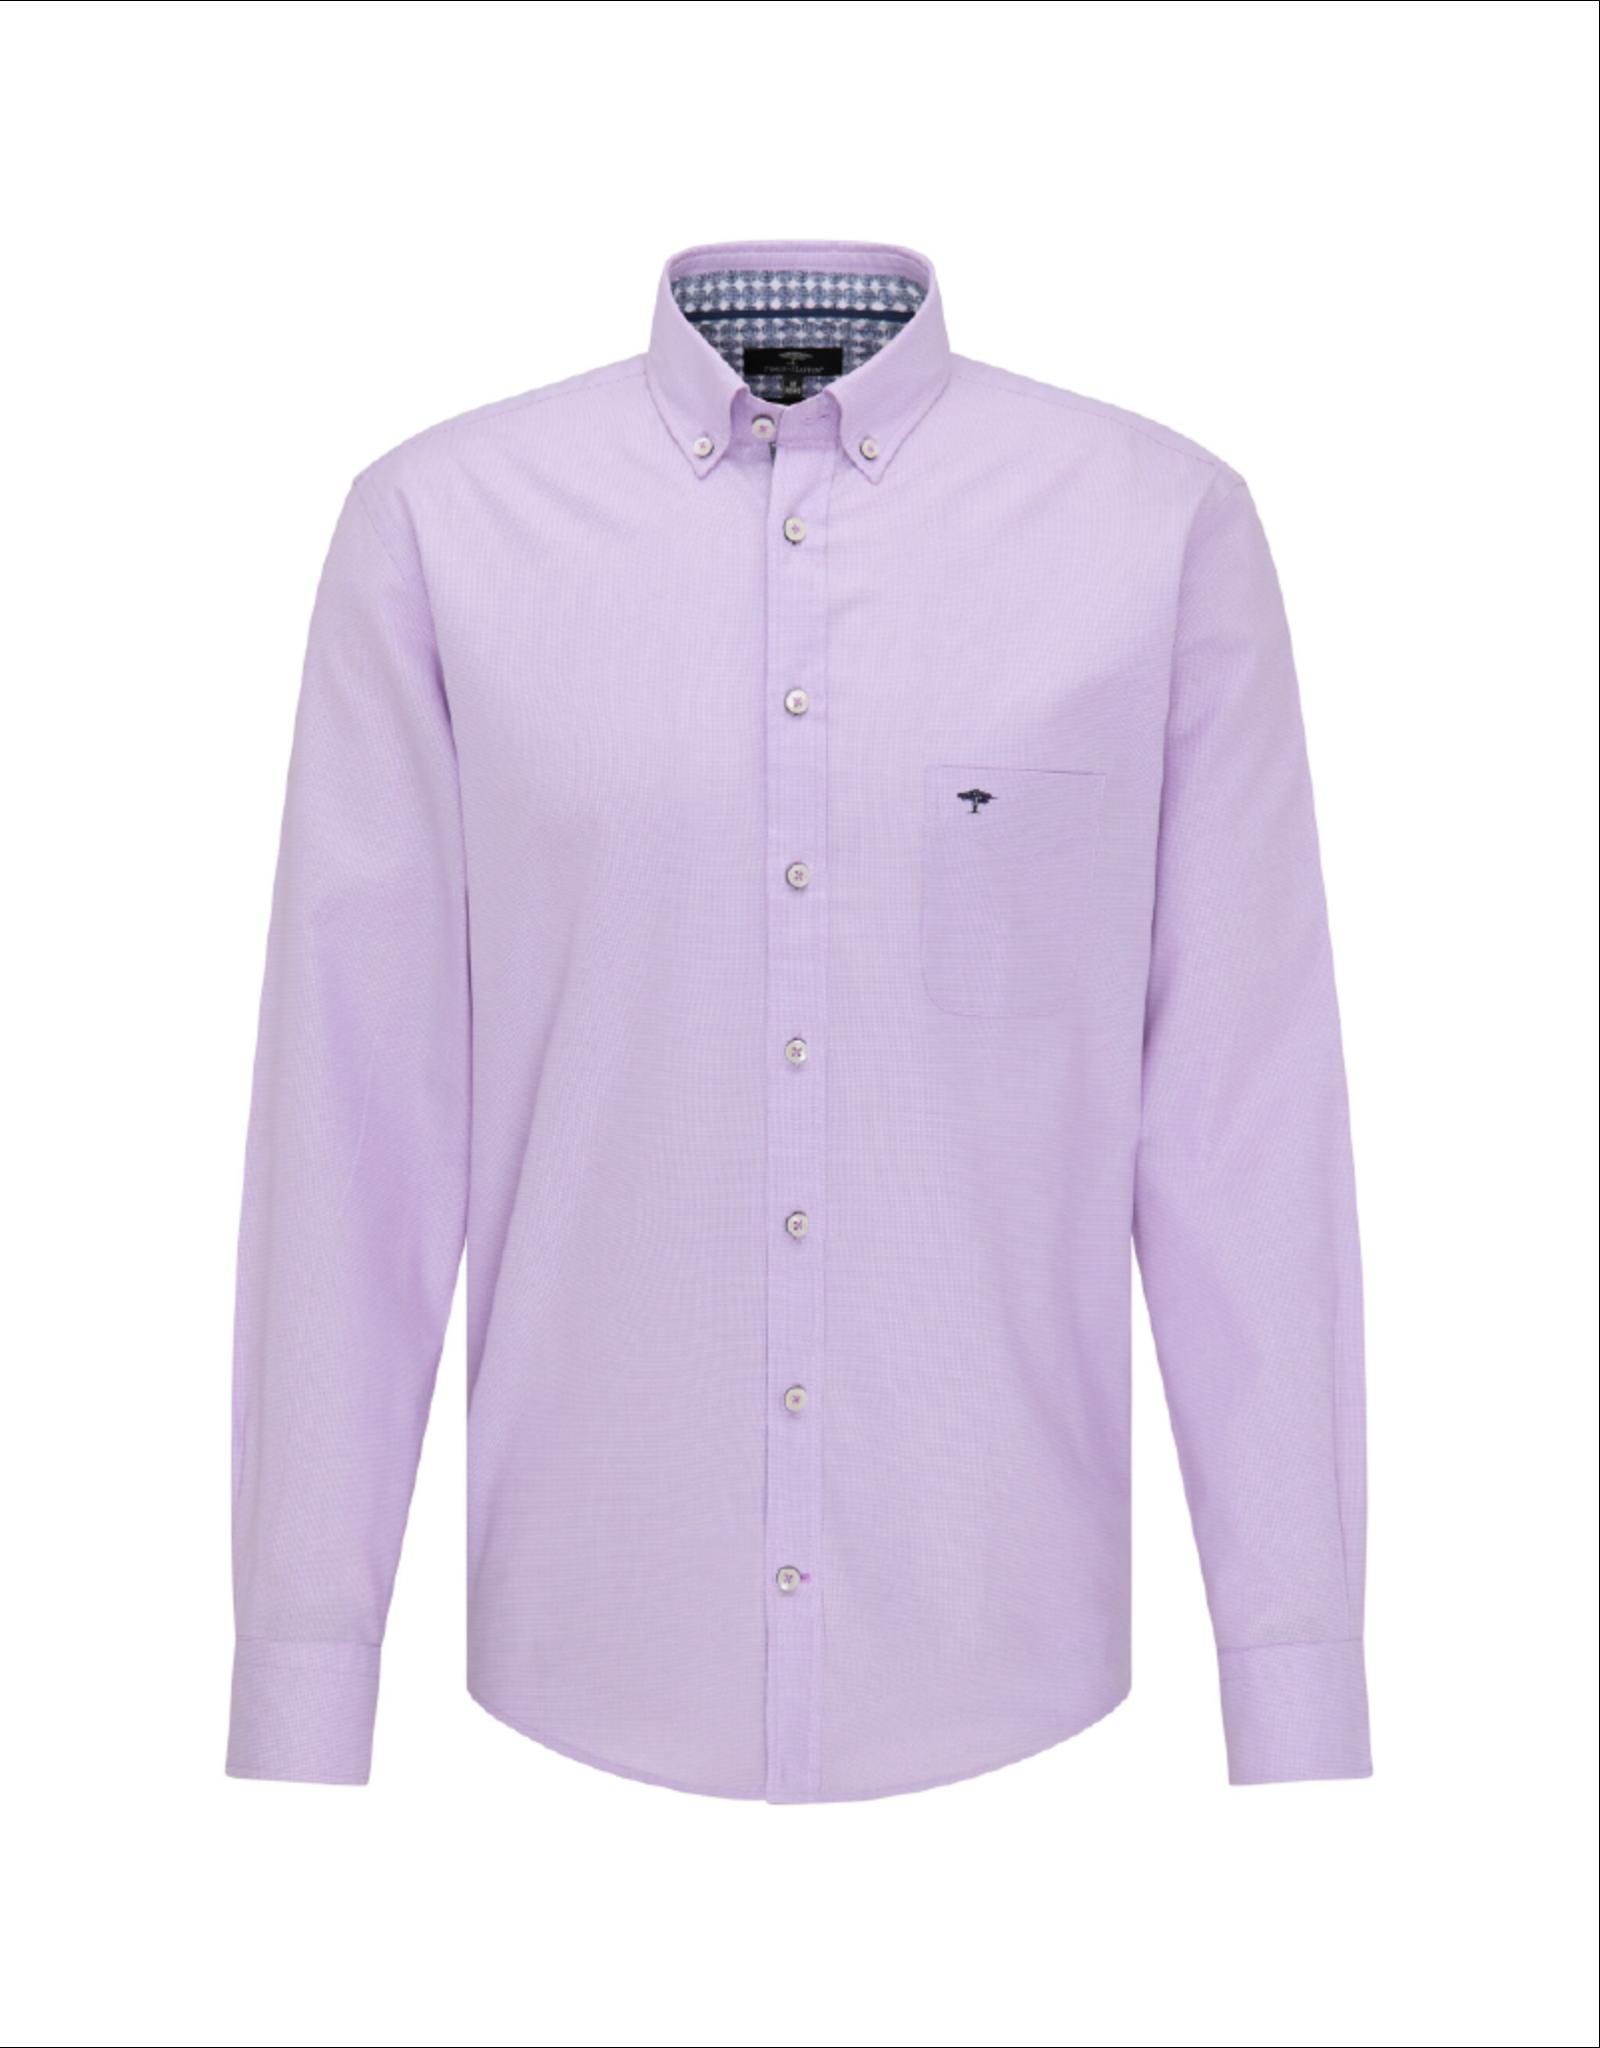 Fynch Hatton Lavender Button-Up Shirt